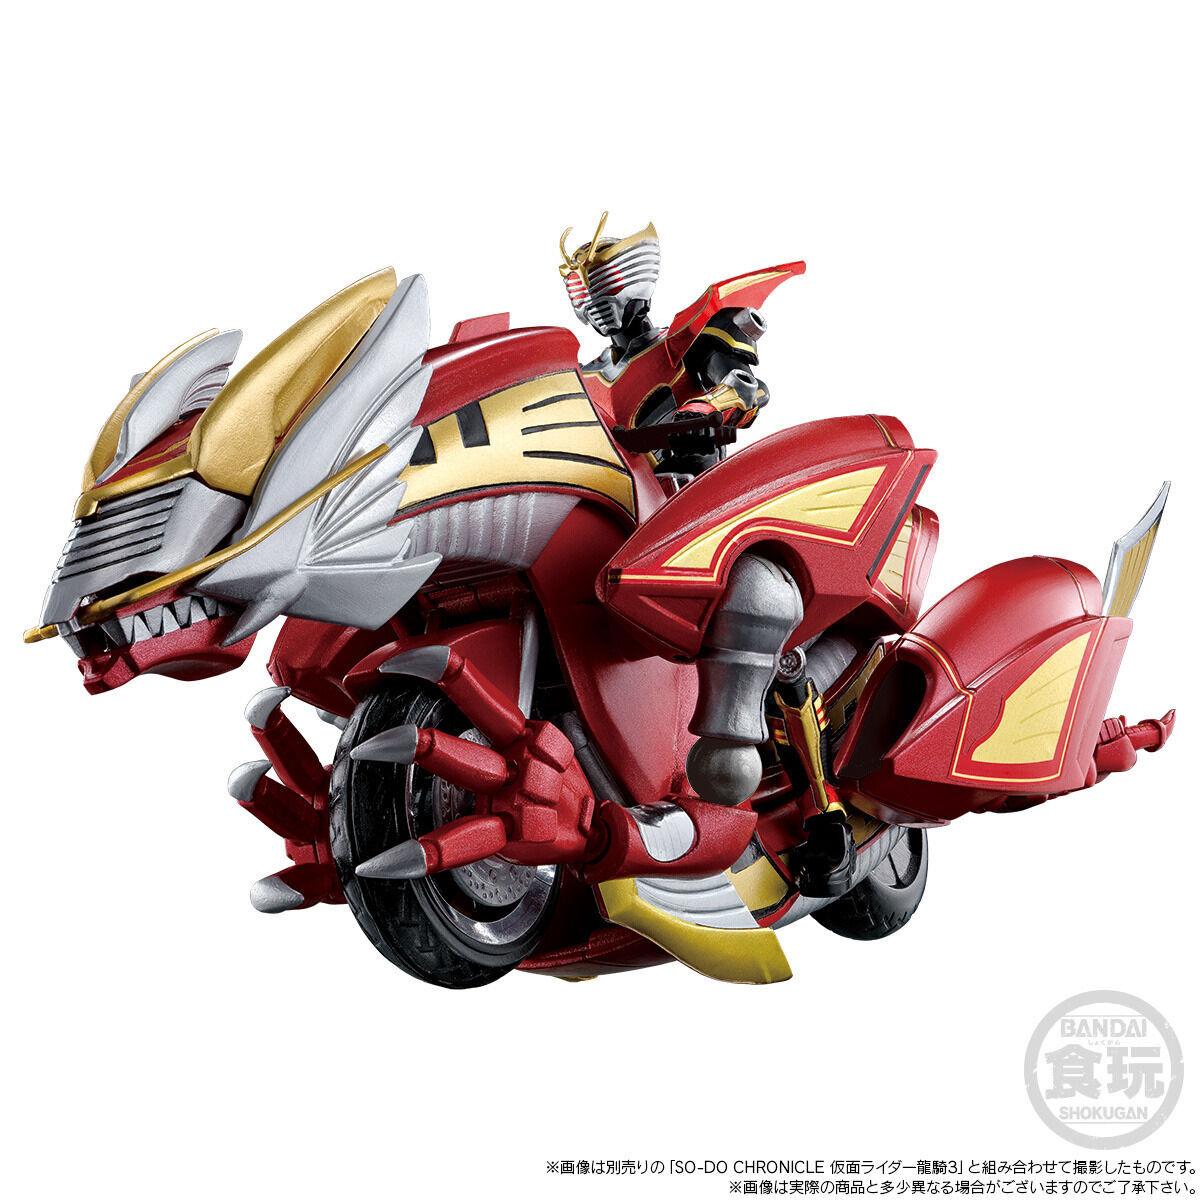 【限定販売】【食玩】SO-DO CHRONICLE『仮面ライダー龍騎 ドラグランザーセット』可動フィギュア-006